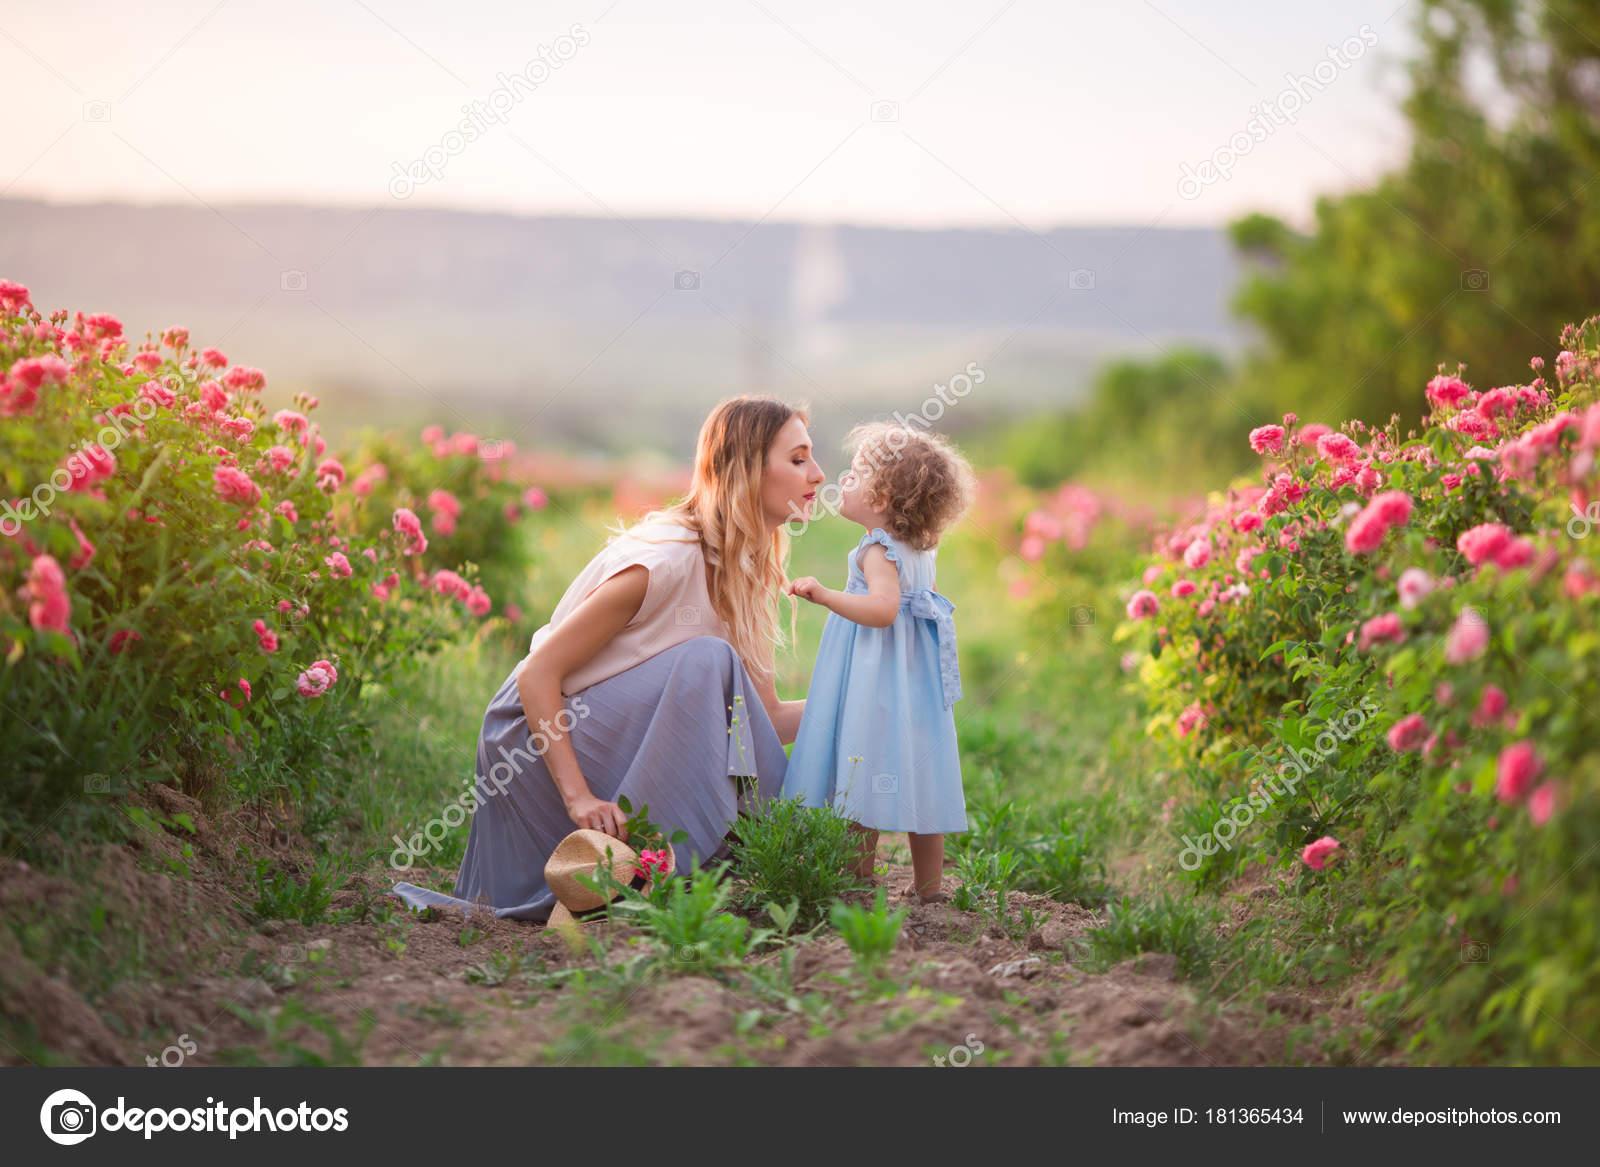 02e191806c Muchacha bonita pareja del niño con la madre están caminando en el jardín  de primavera con